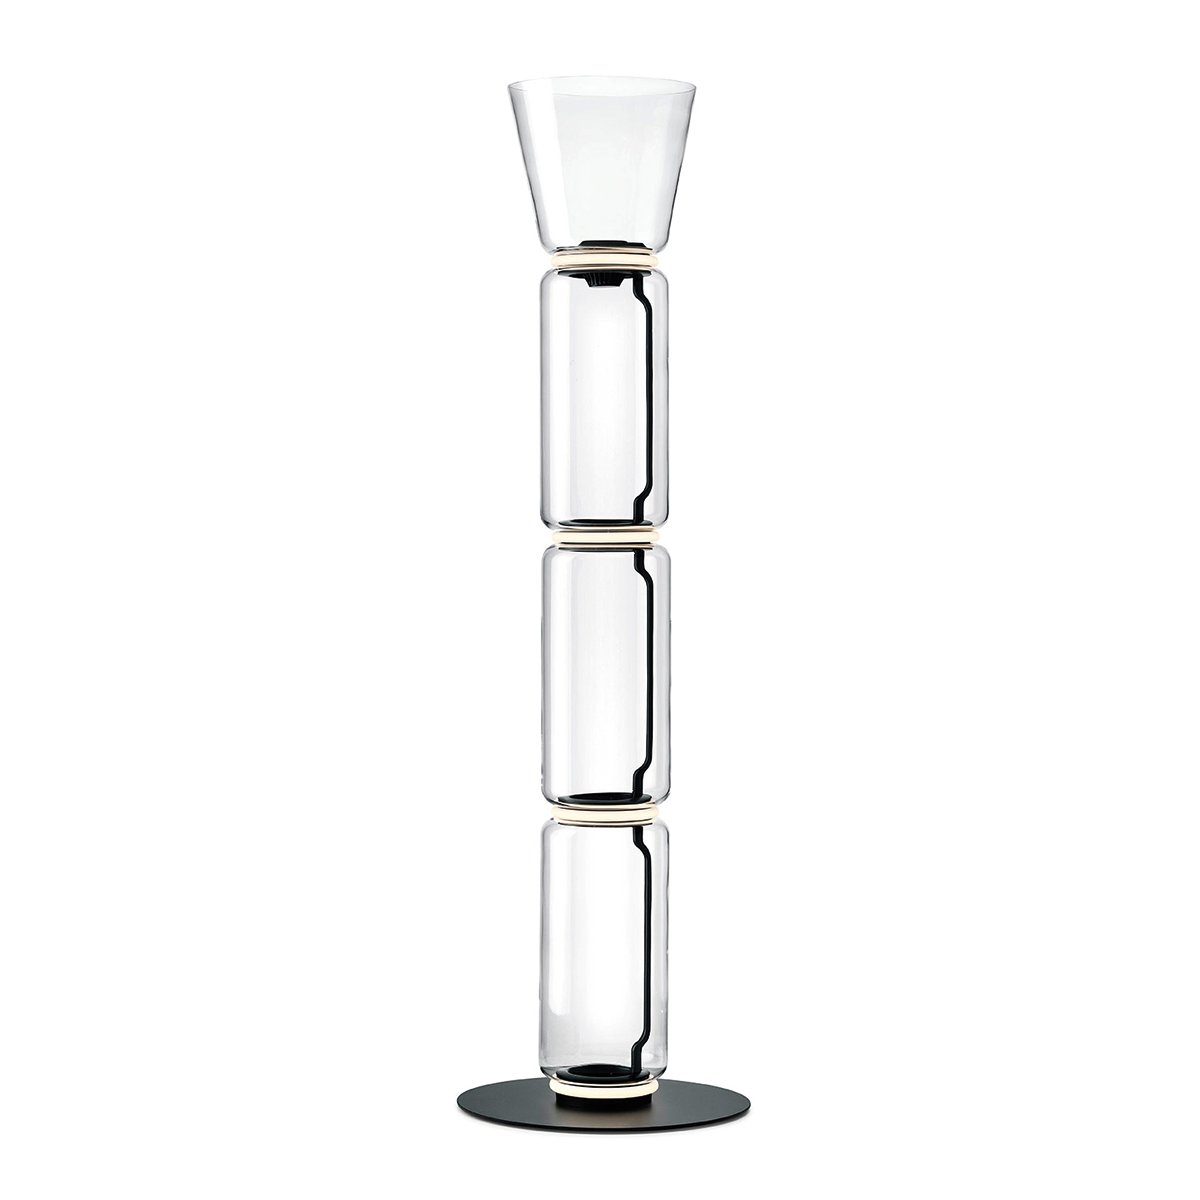 FLOS Noctambule Vloerlamp - 3 High Cylinders & Cone